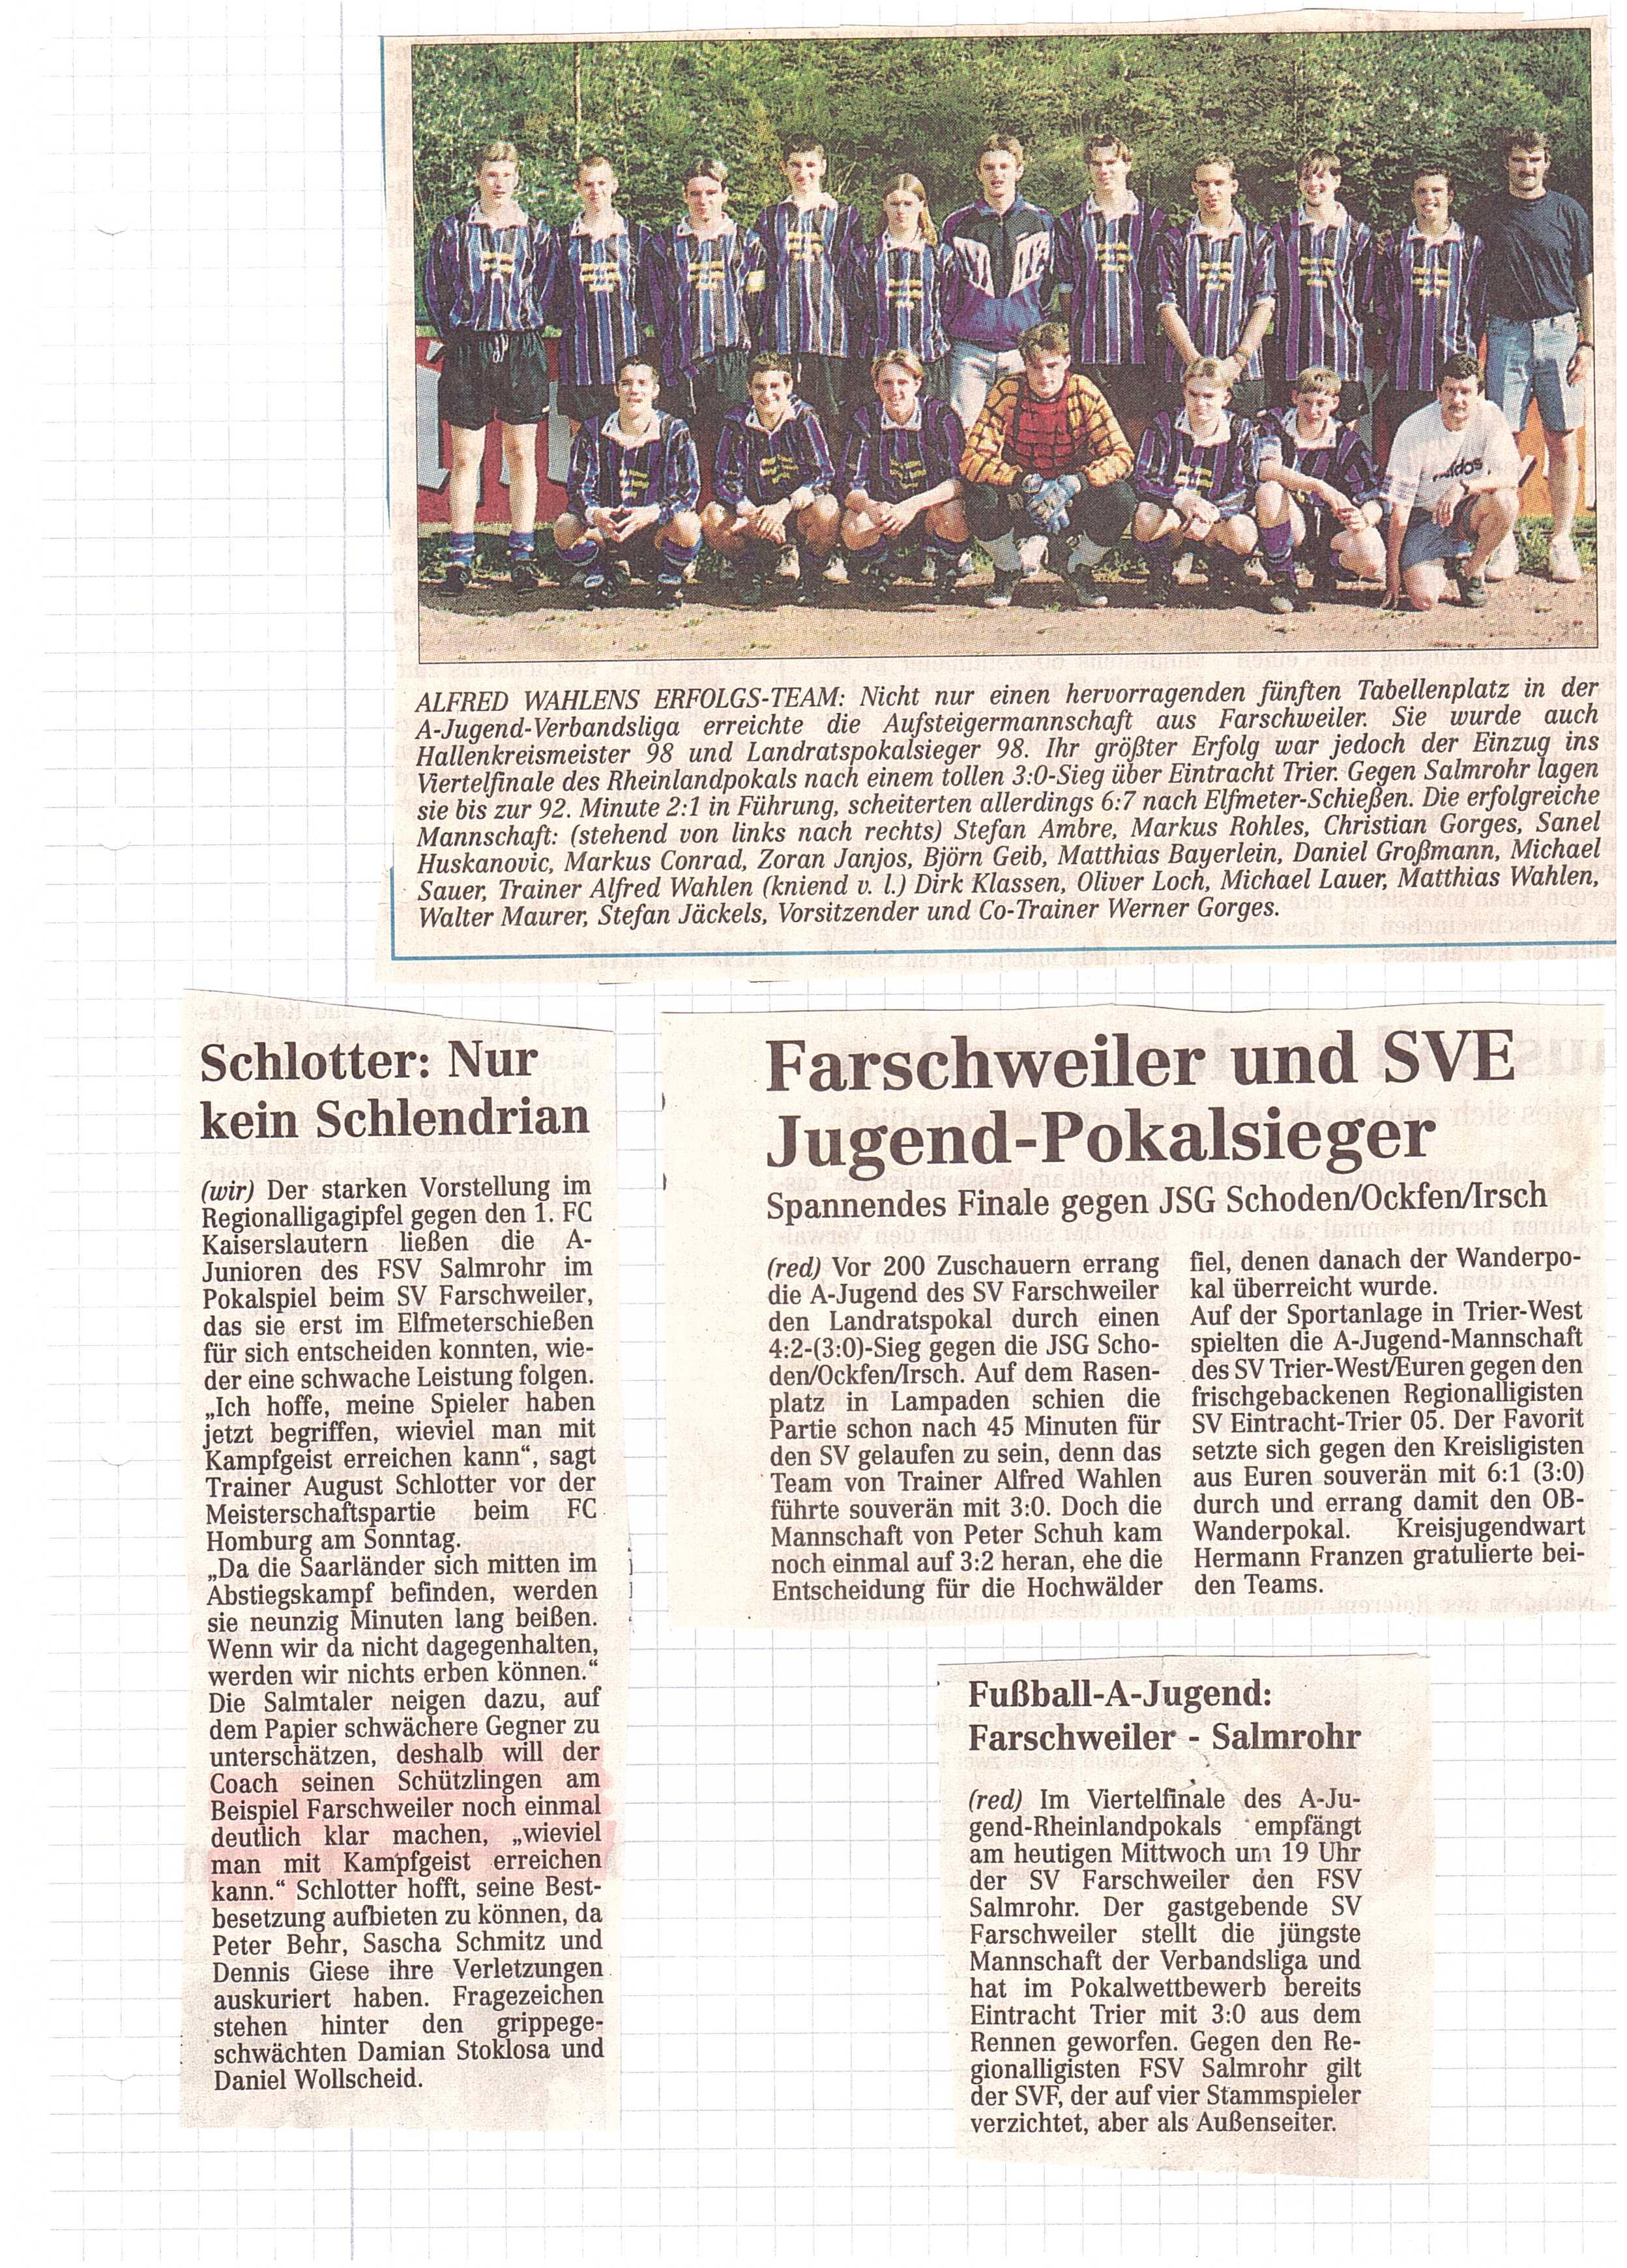 A-Jugend 1996 SV Farschweiler